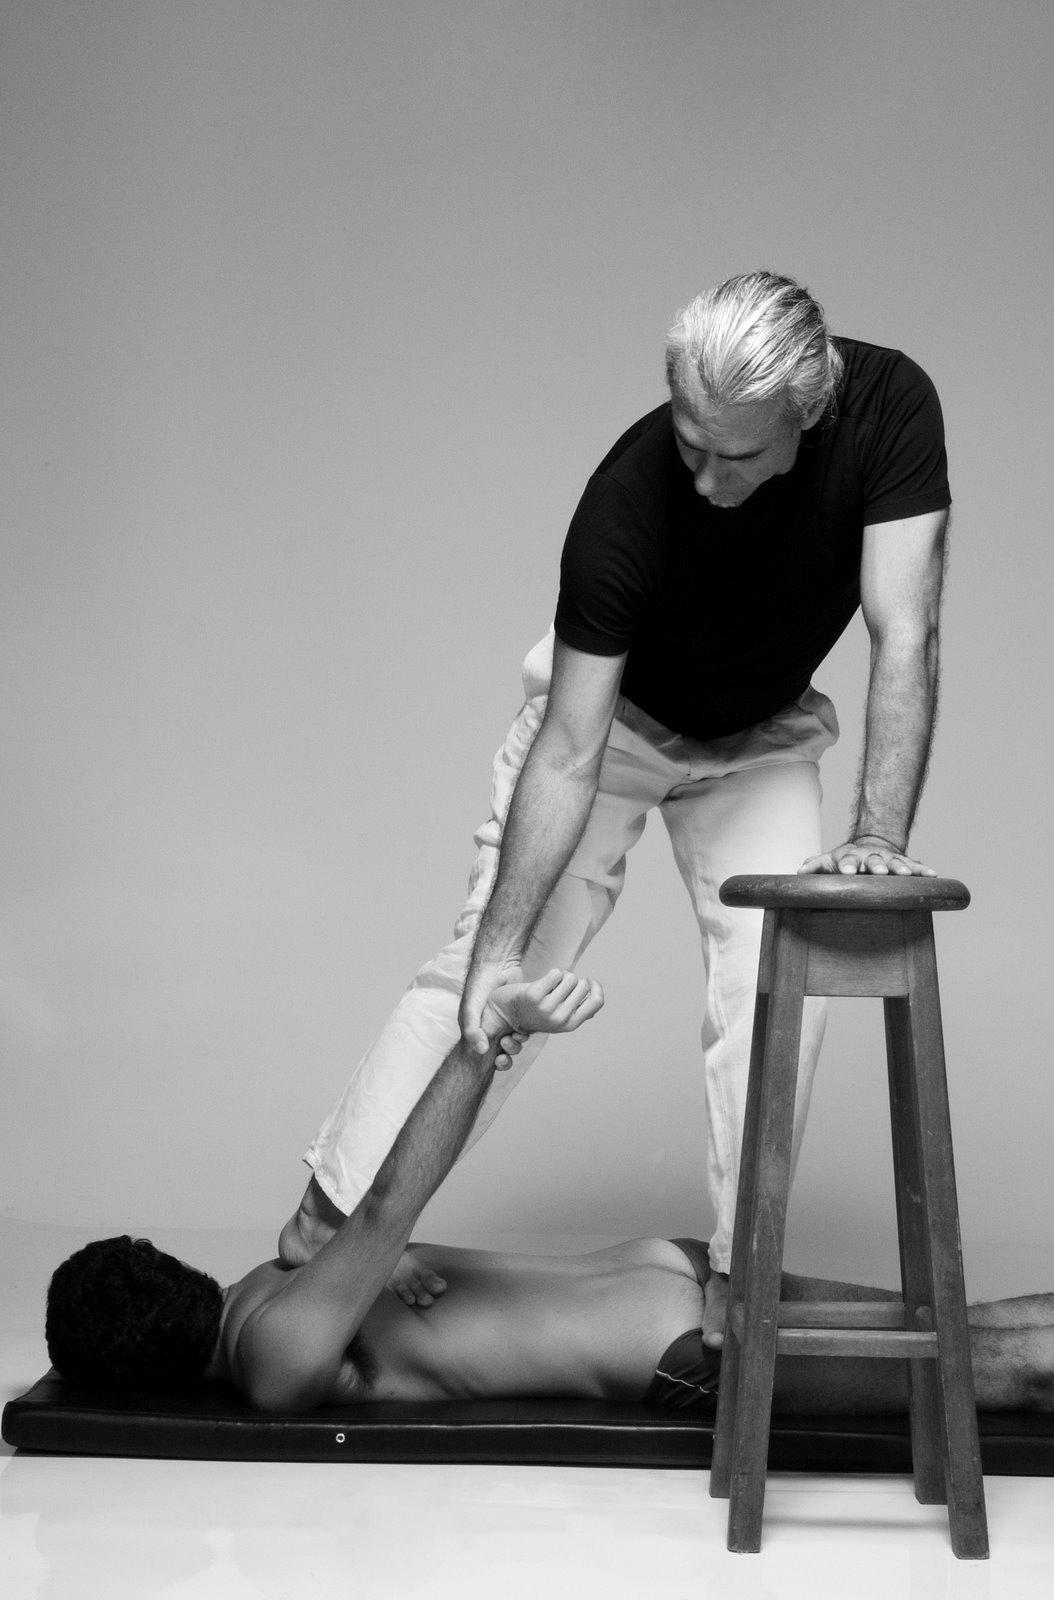 yma_massage